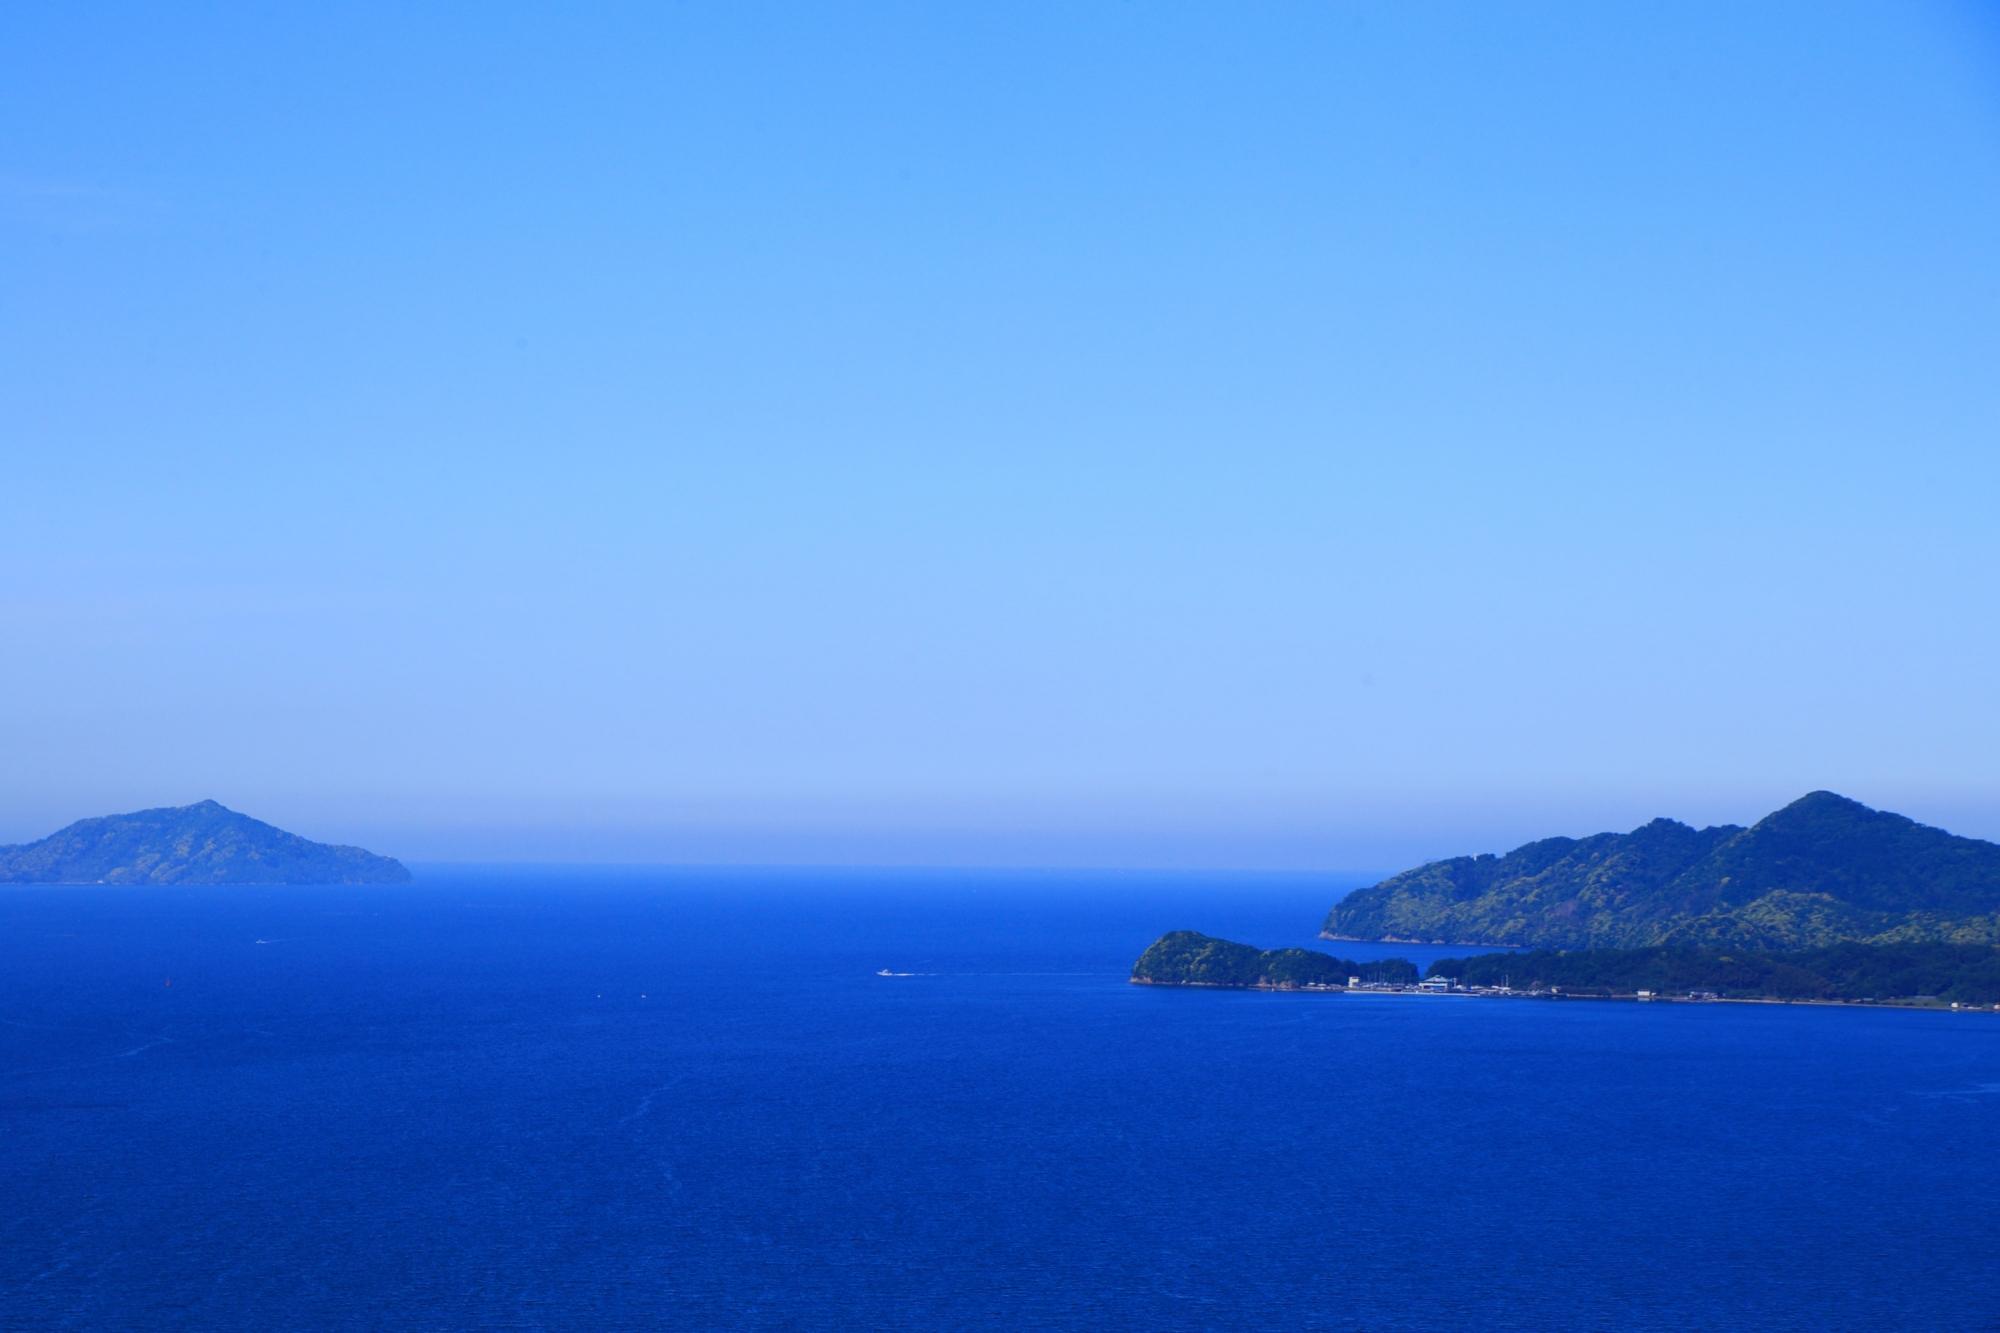 天橋立ビューランドから眺める若狭湾や日本海